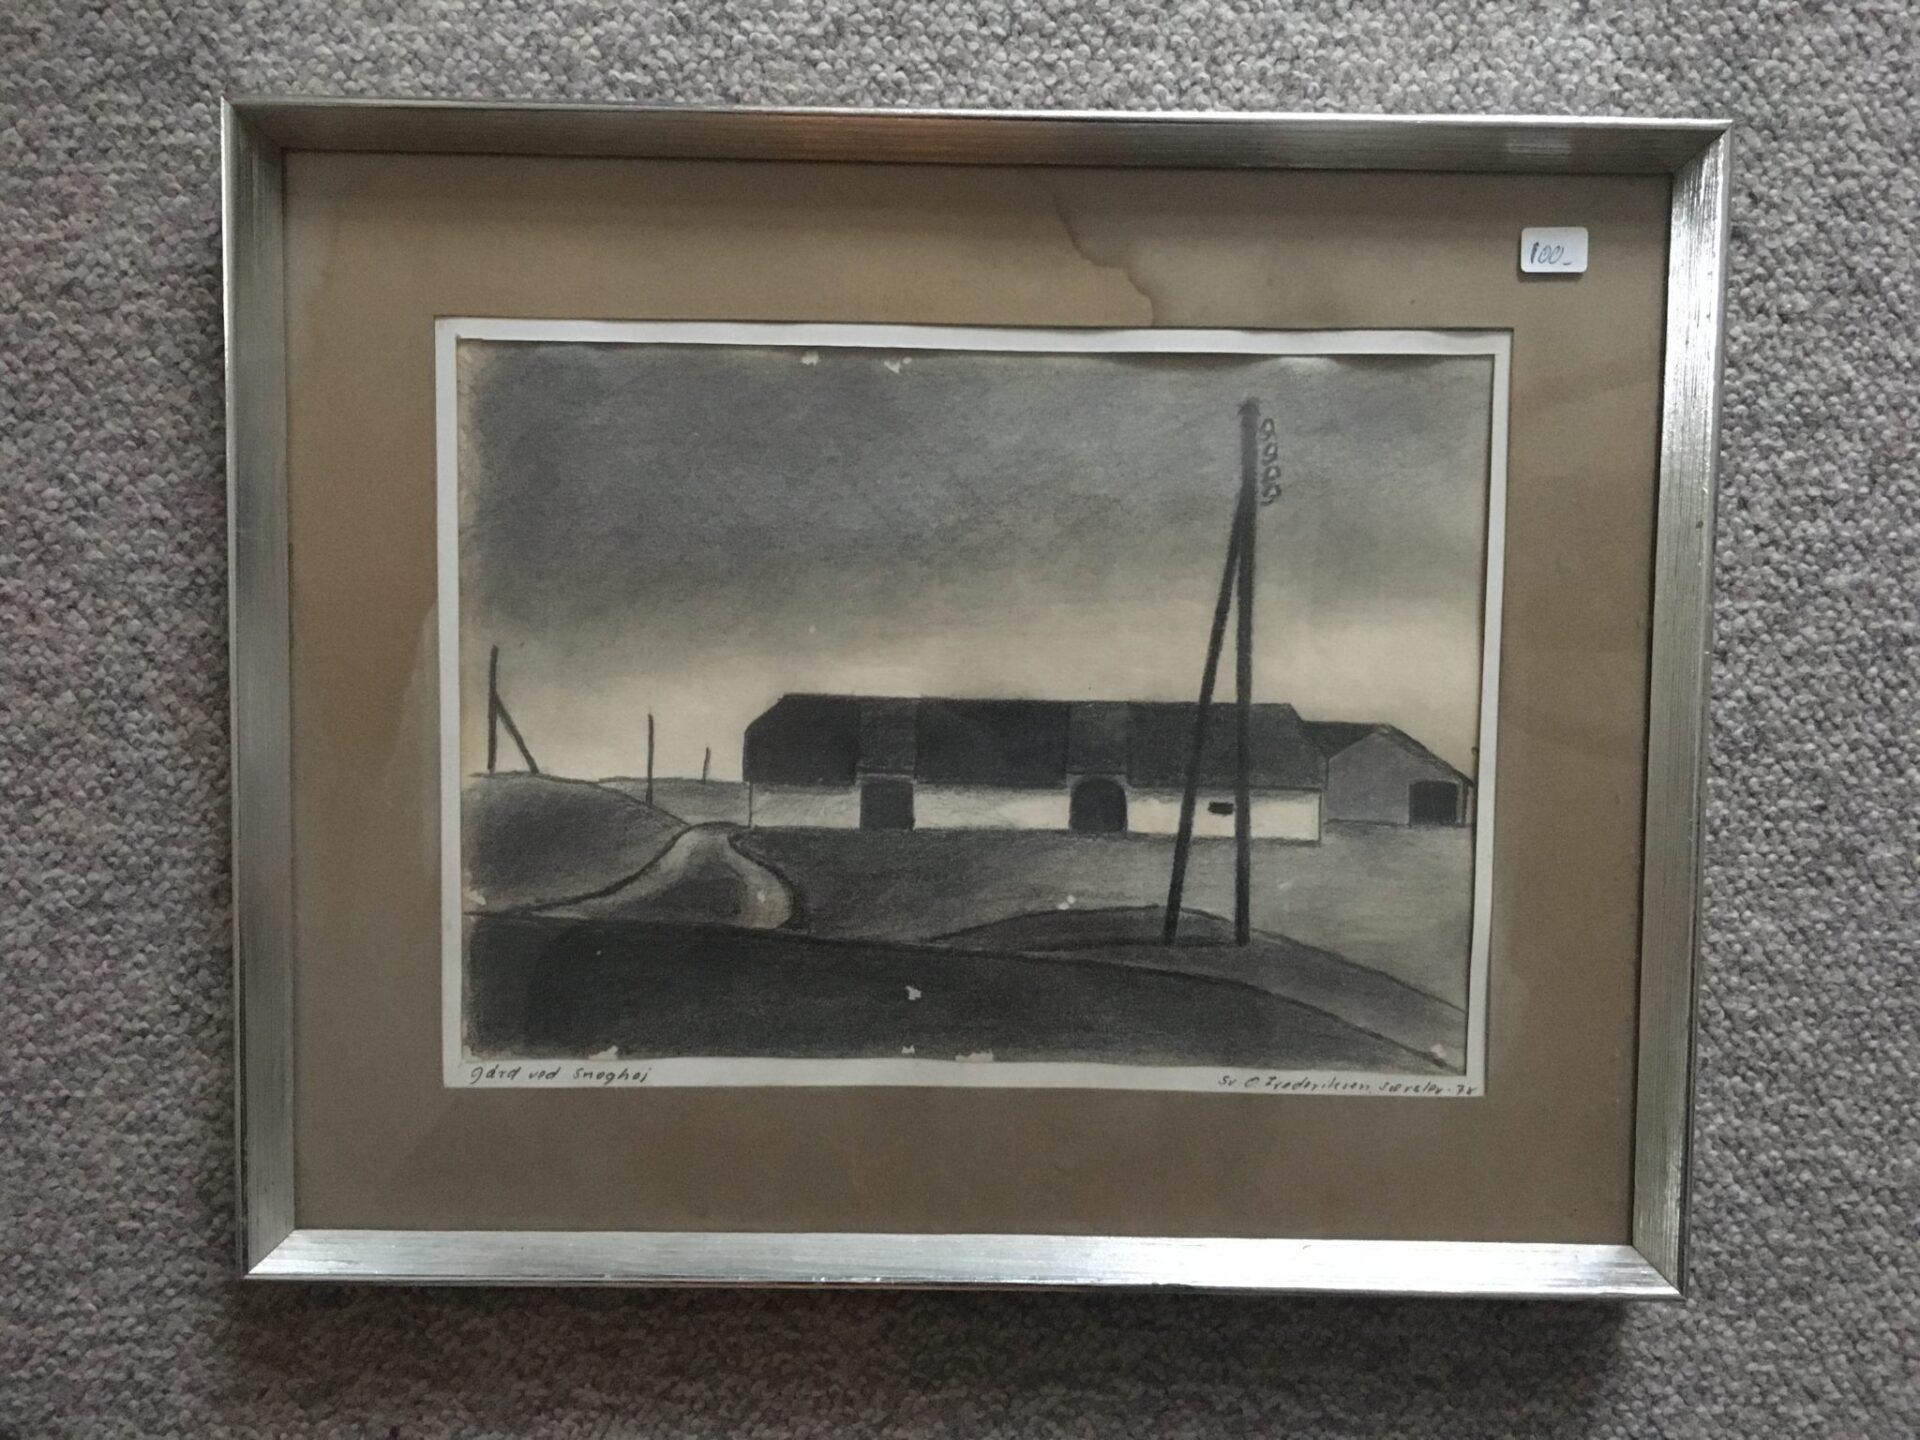 Gård ved Snoghøj (blyantstegning 1978), pris 100 kr